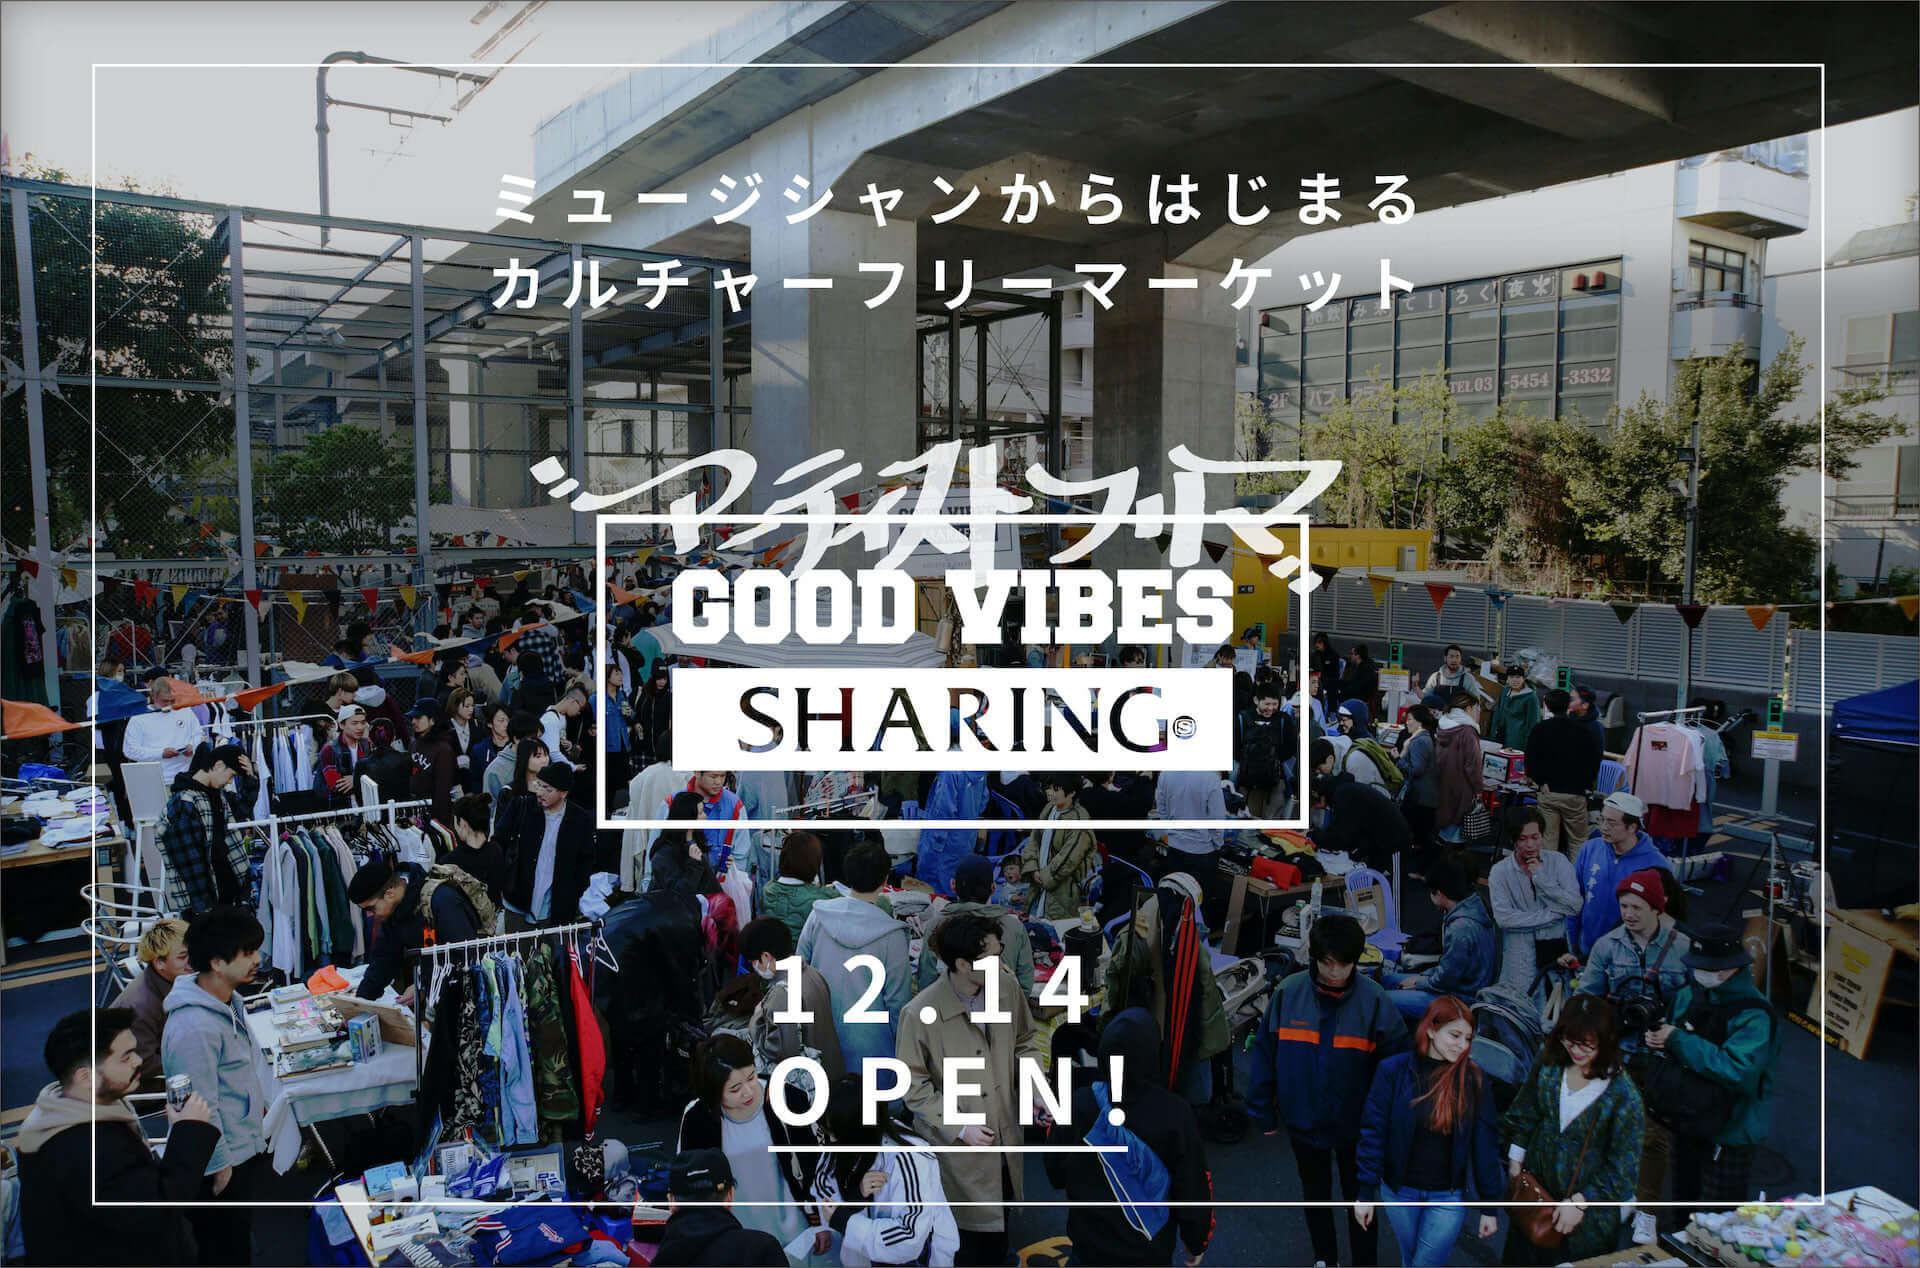 カルチャーフリーマーケットサイト「GOOD VIBES SHARING」が本日オープン!今夜配信の記念特番にはCHAI、TENDRE、xiangyuらが出演 art201214_gvs-site_3-1920x1268